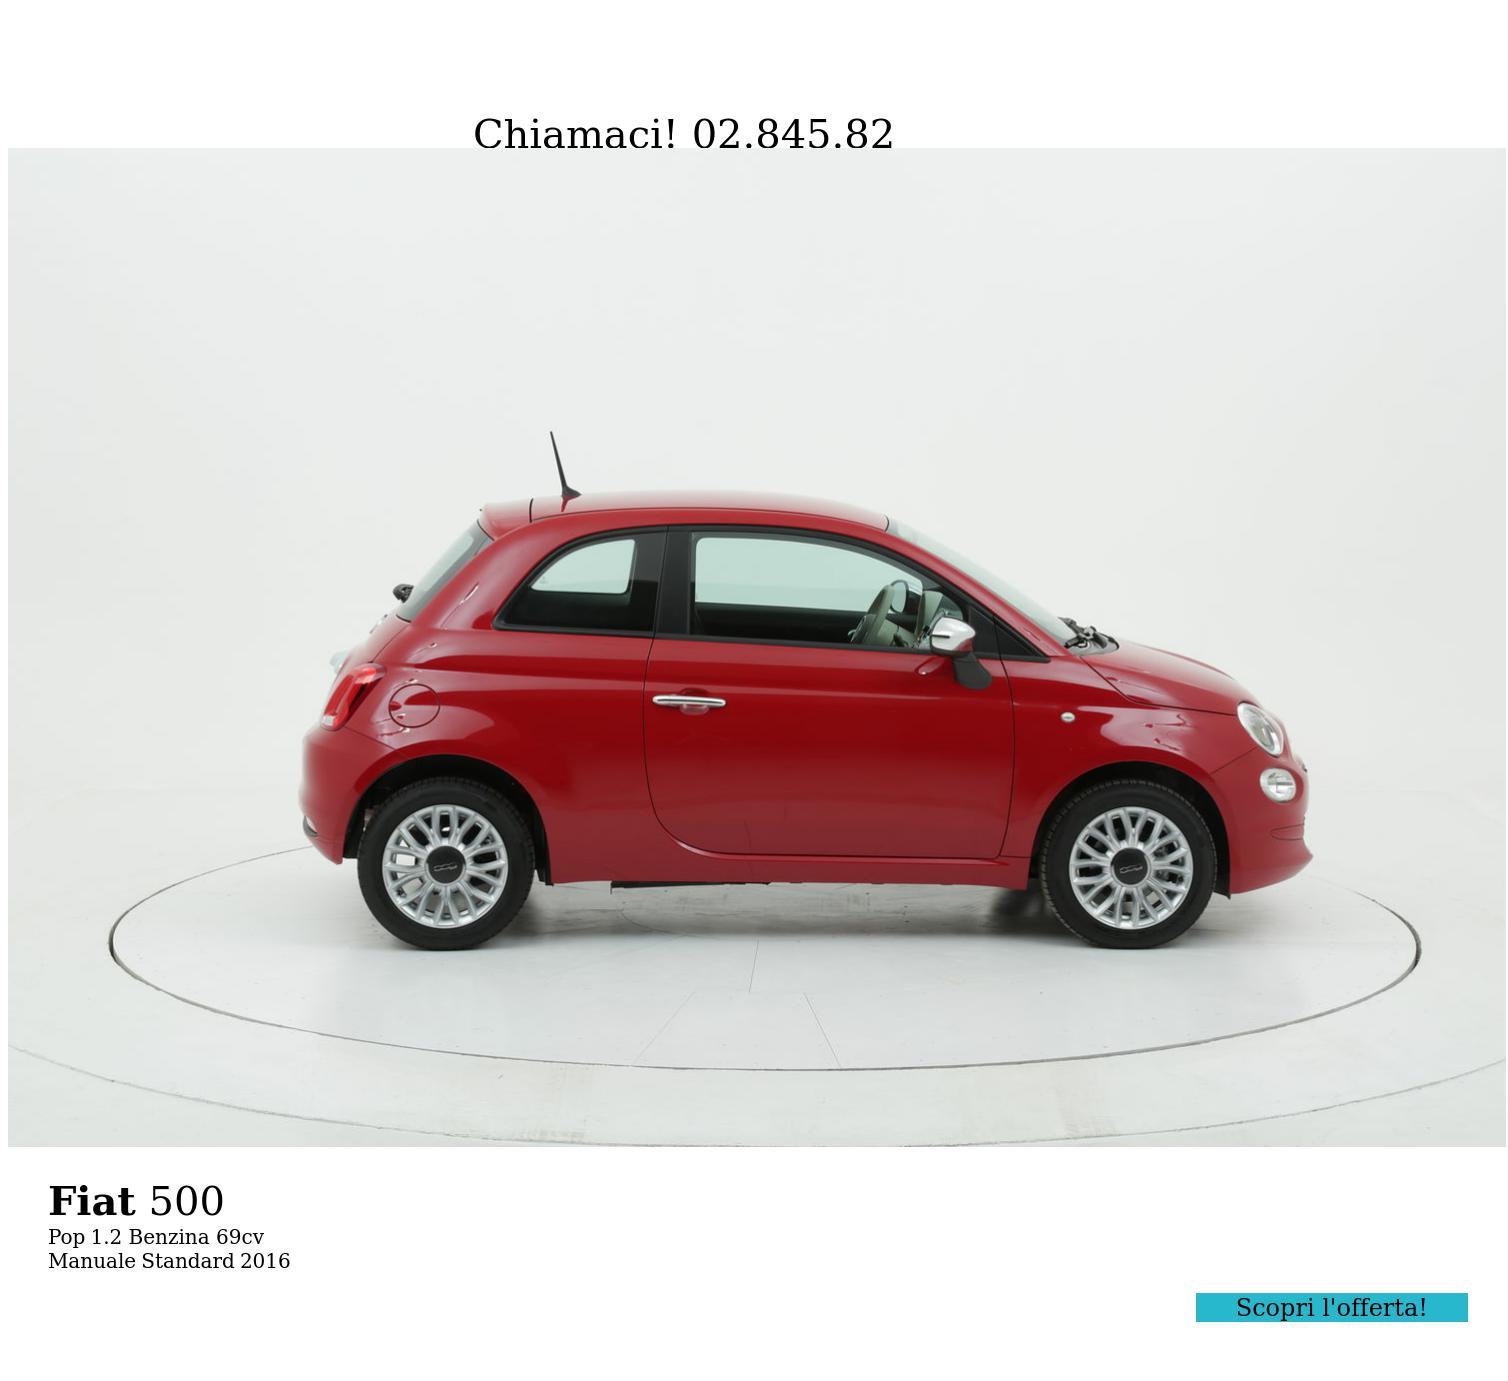 Fiat 500 Pop km 0 benzina rossa   brumbrum